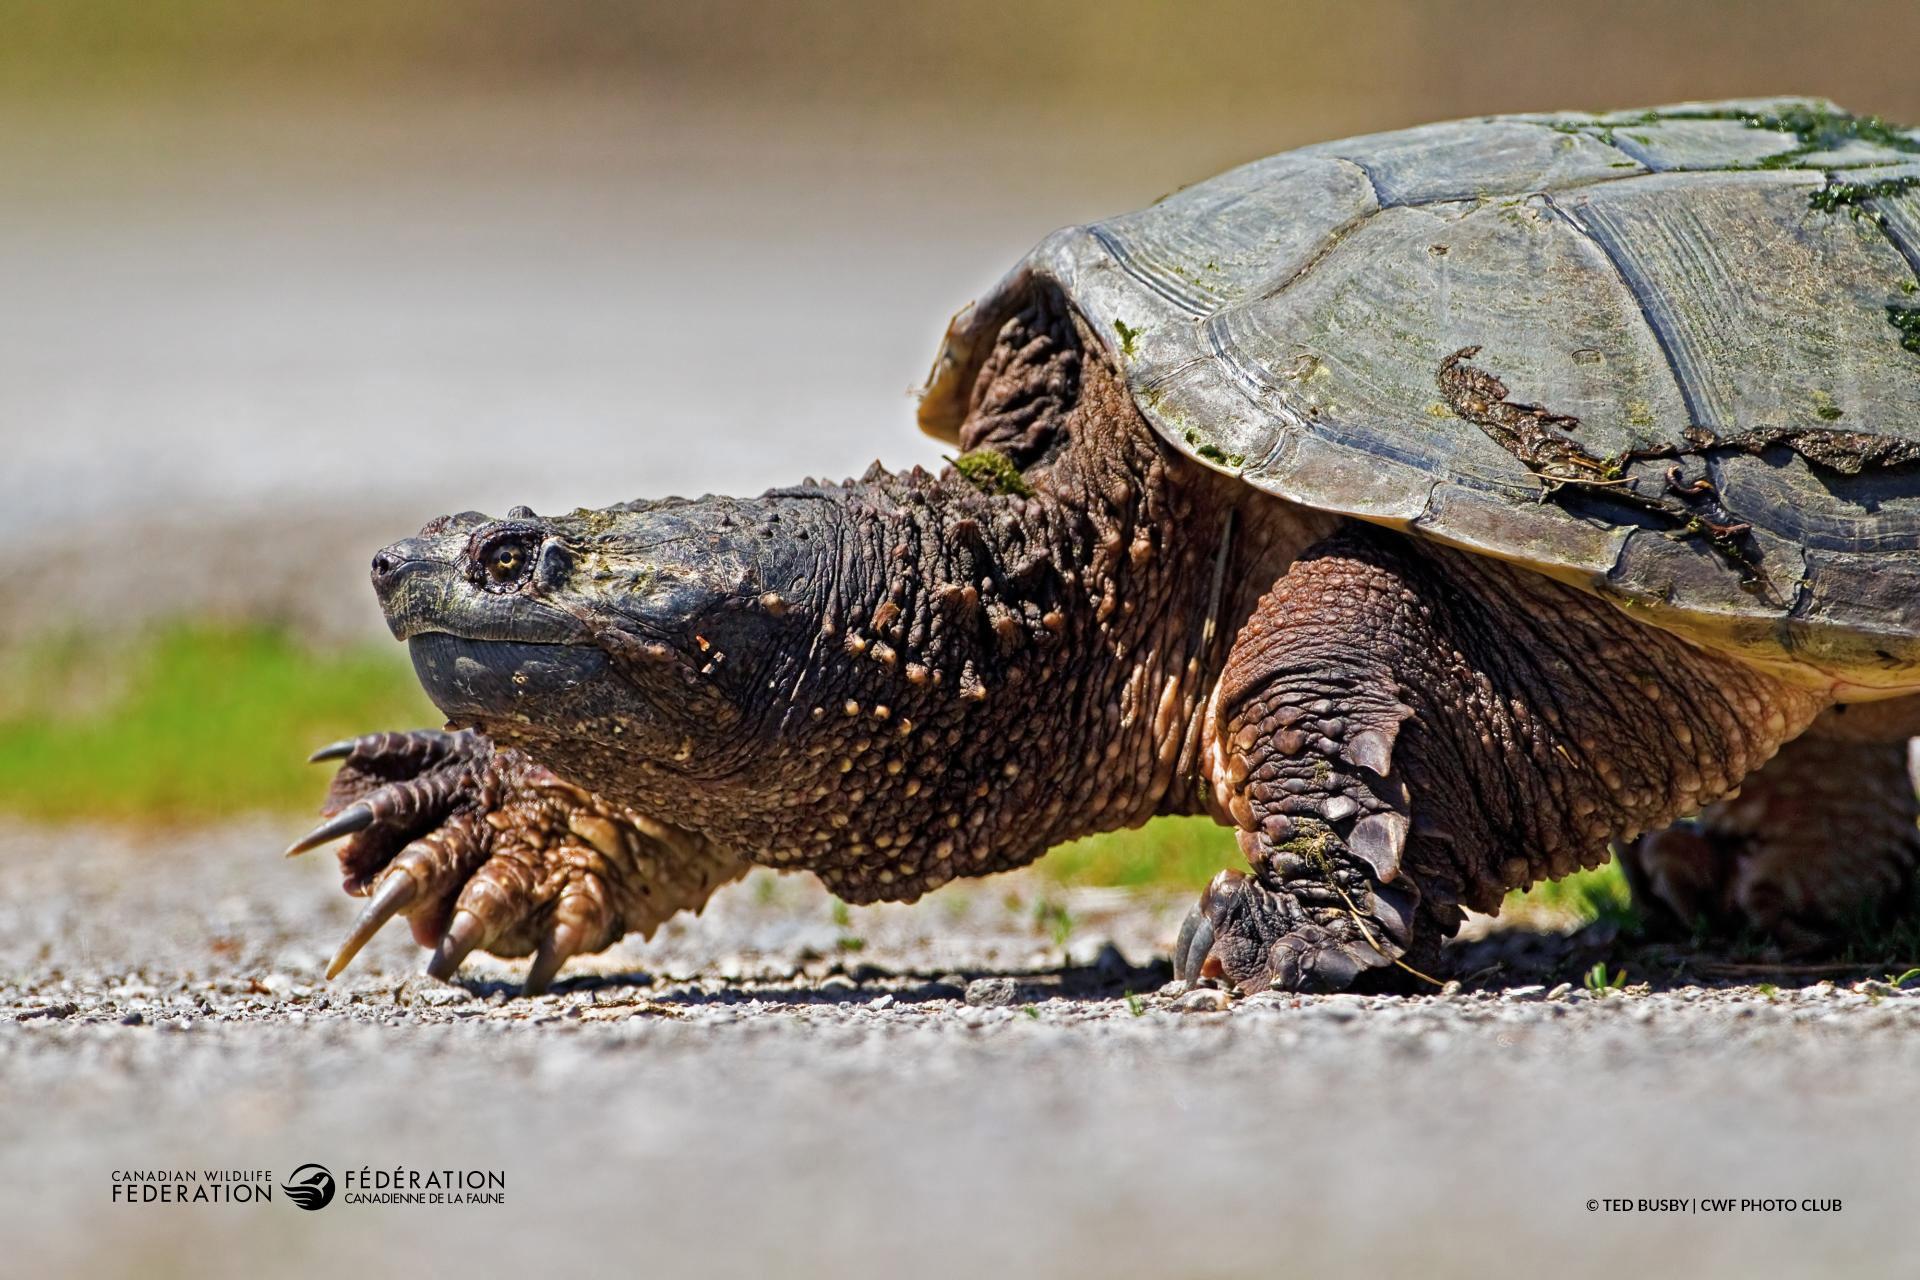 Pourquoi cette tortue a-t-elle traversé la route?